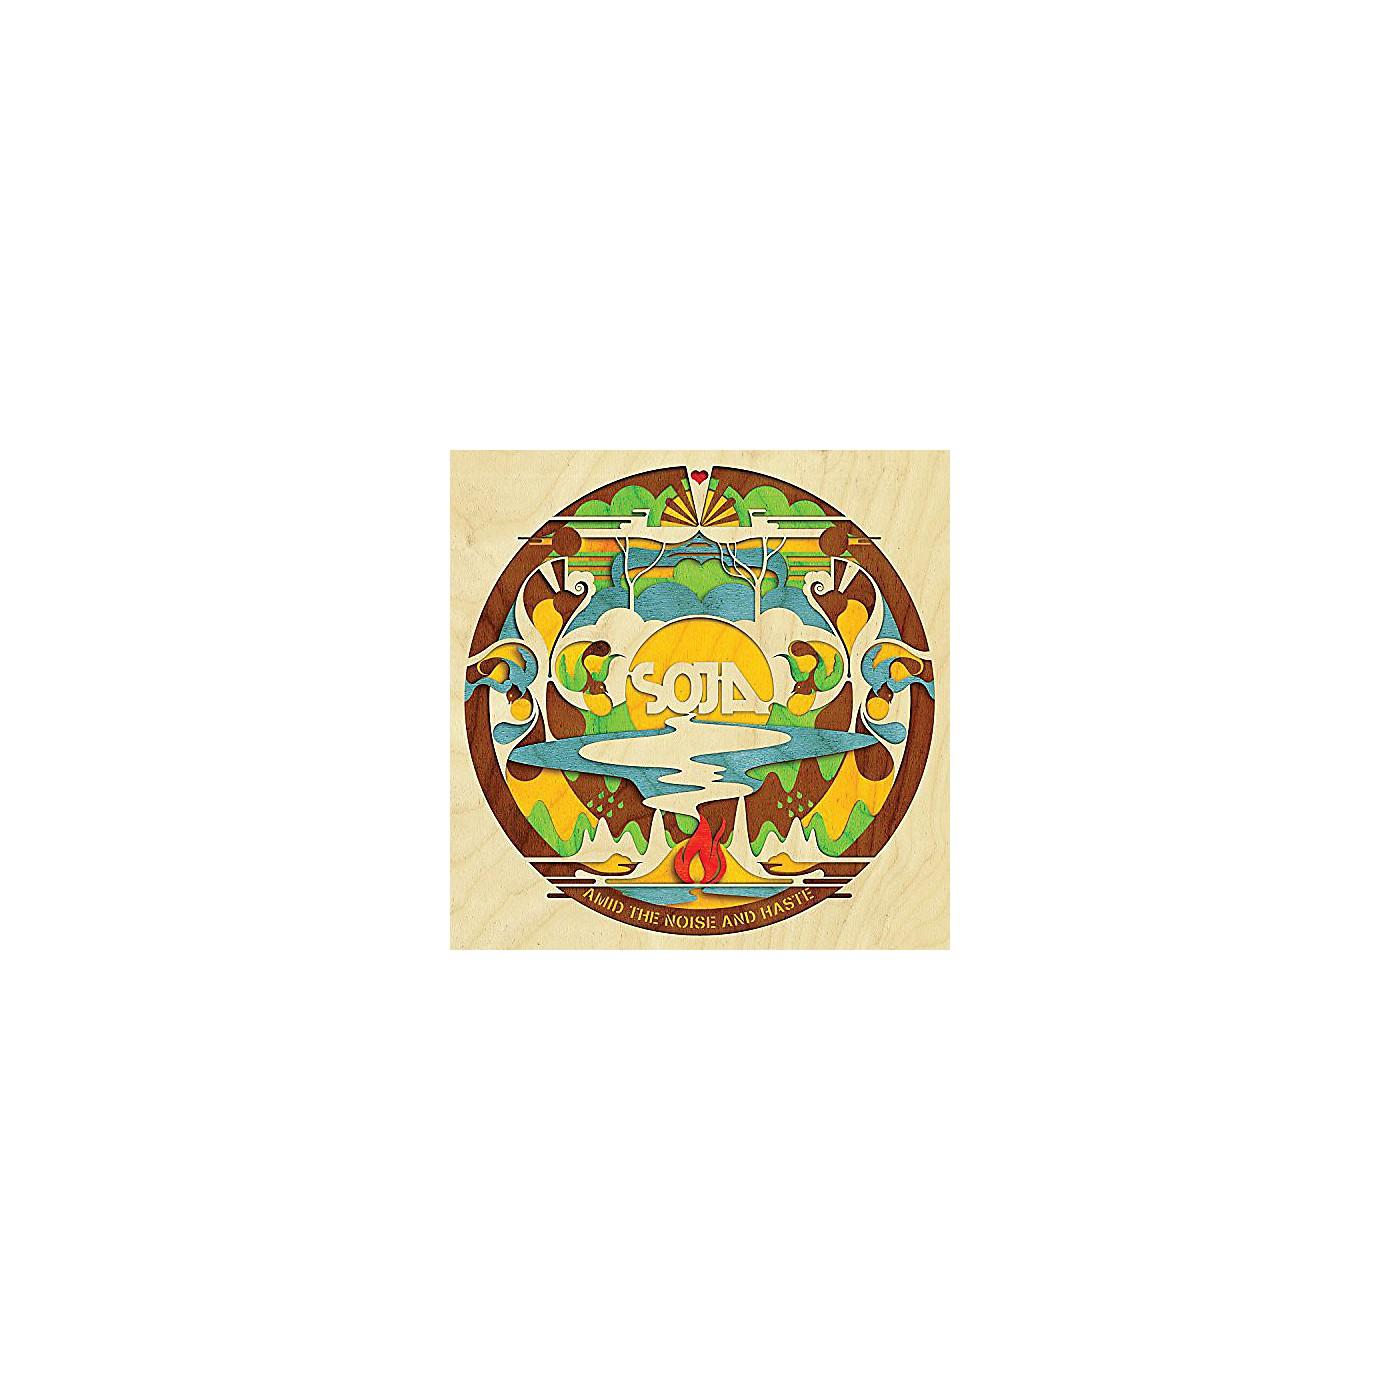 Alliance Soja - Amid the Noise & Haste thumbnail